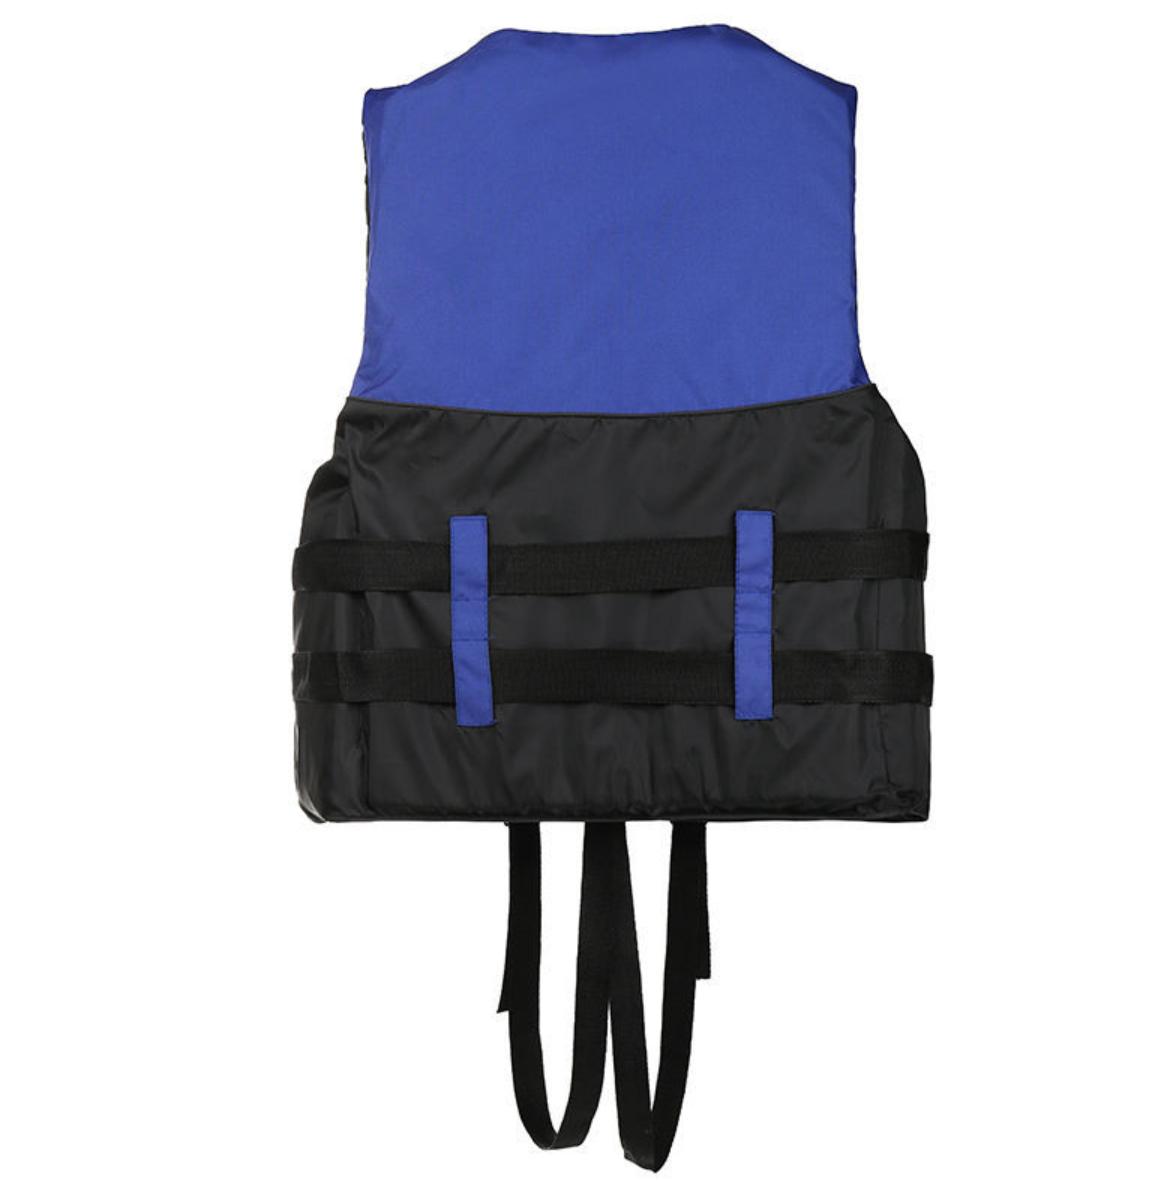 Модные долговечные спасательные жилеты или жилеты для плавания для взрослых, детей и детей по заводской цене